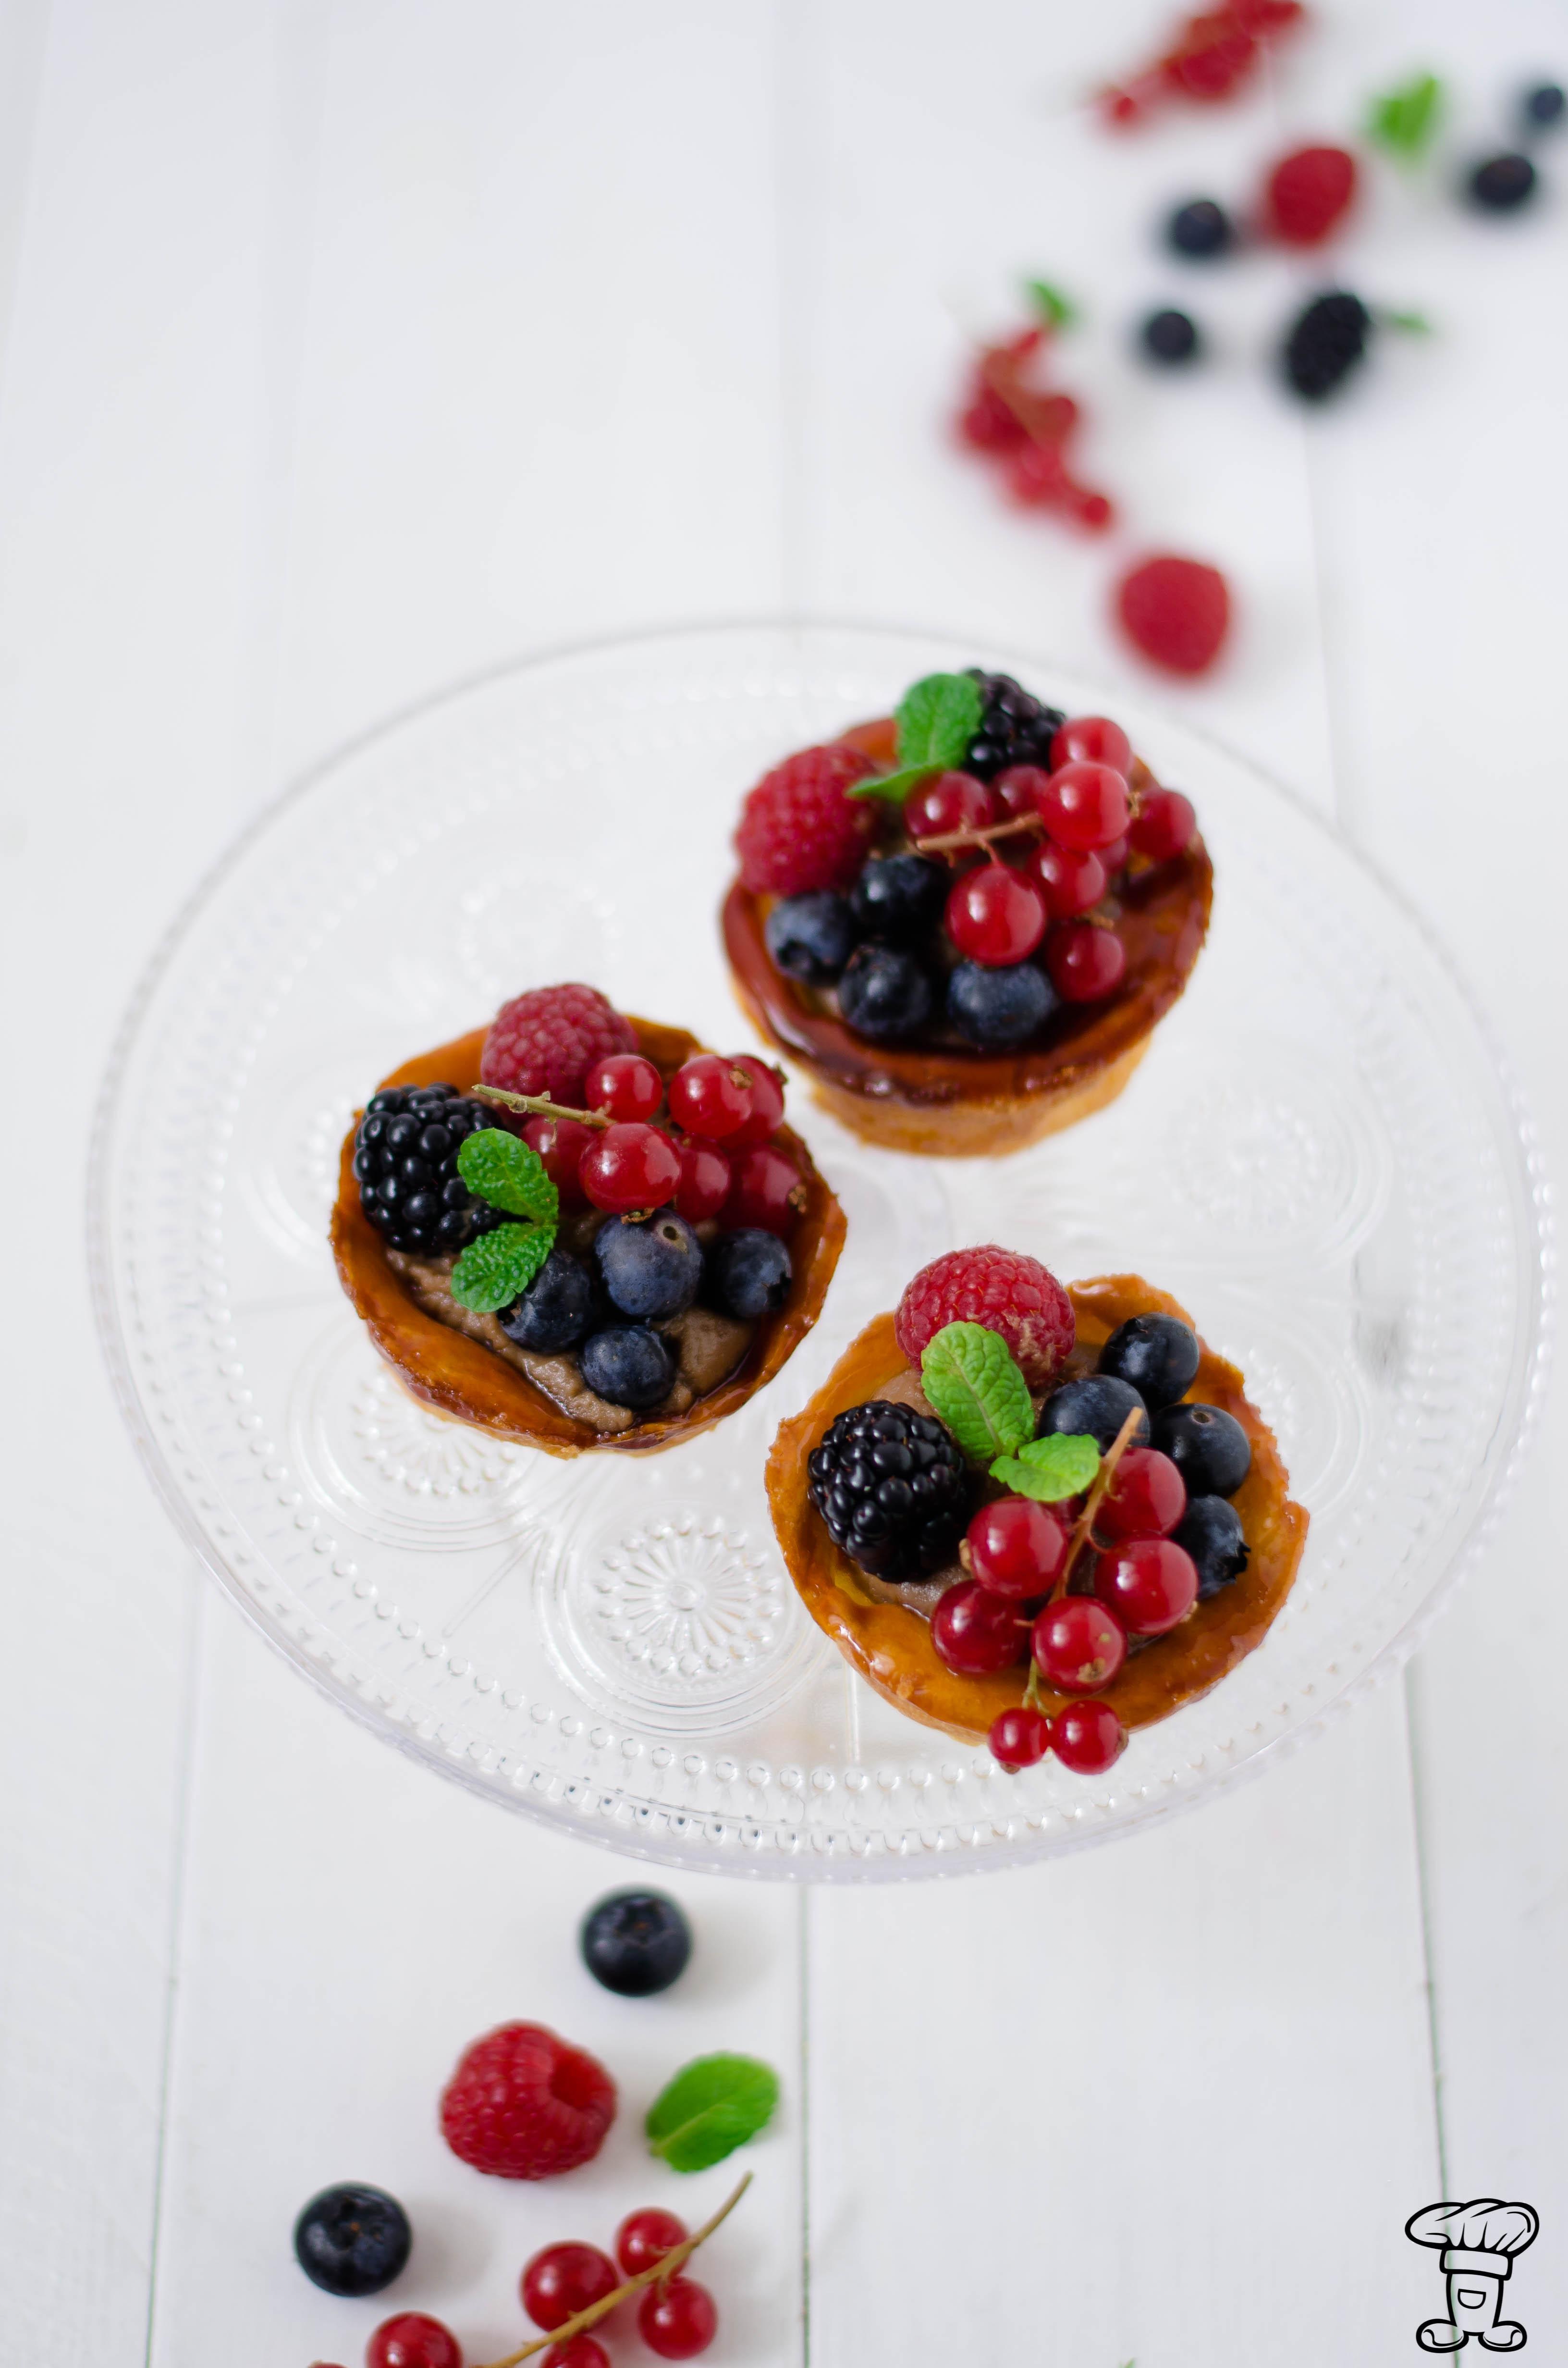 Trat_choux_fruttibosco1-1 Tartelettes di pasta choux, cioccolato e frutti di bosco